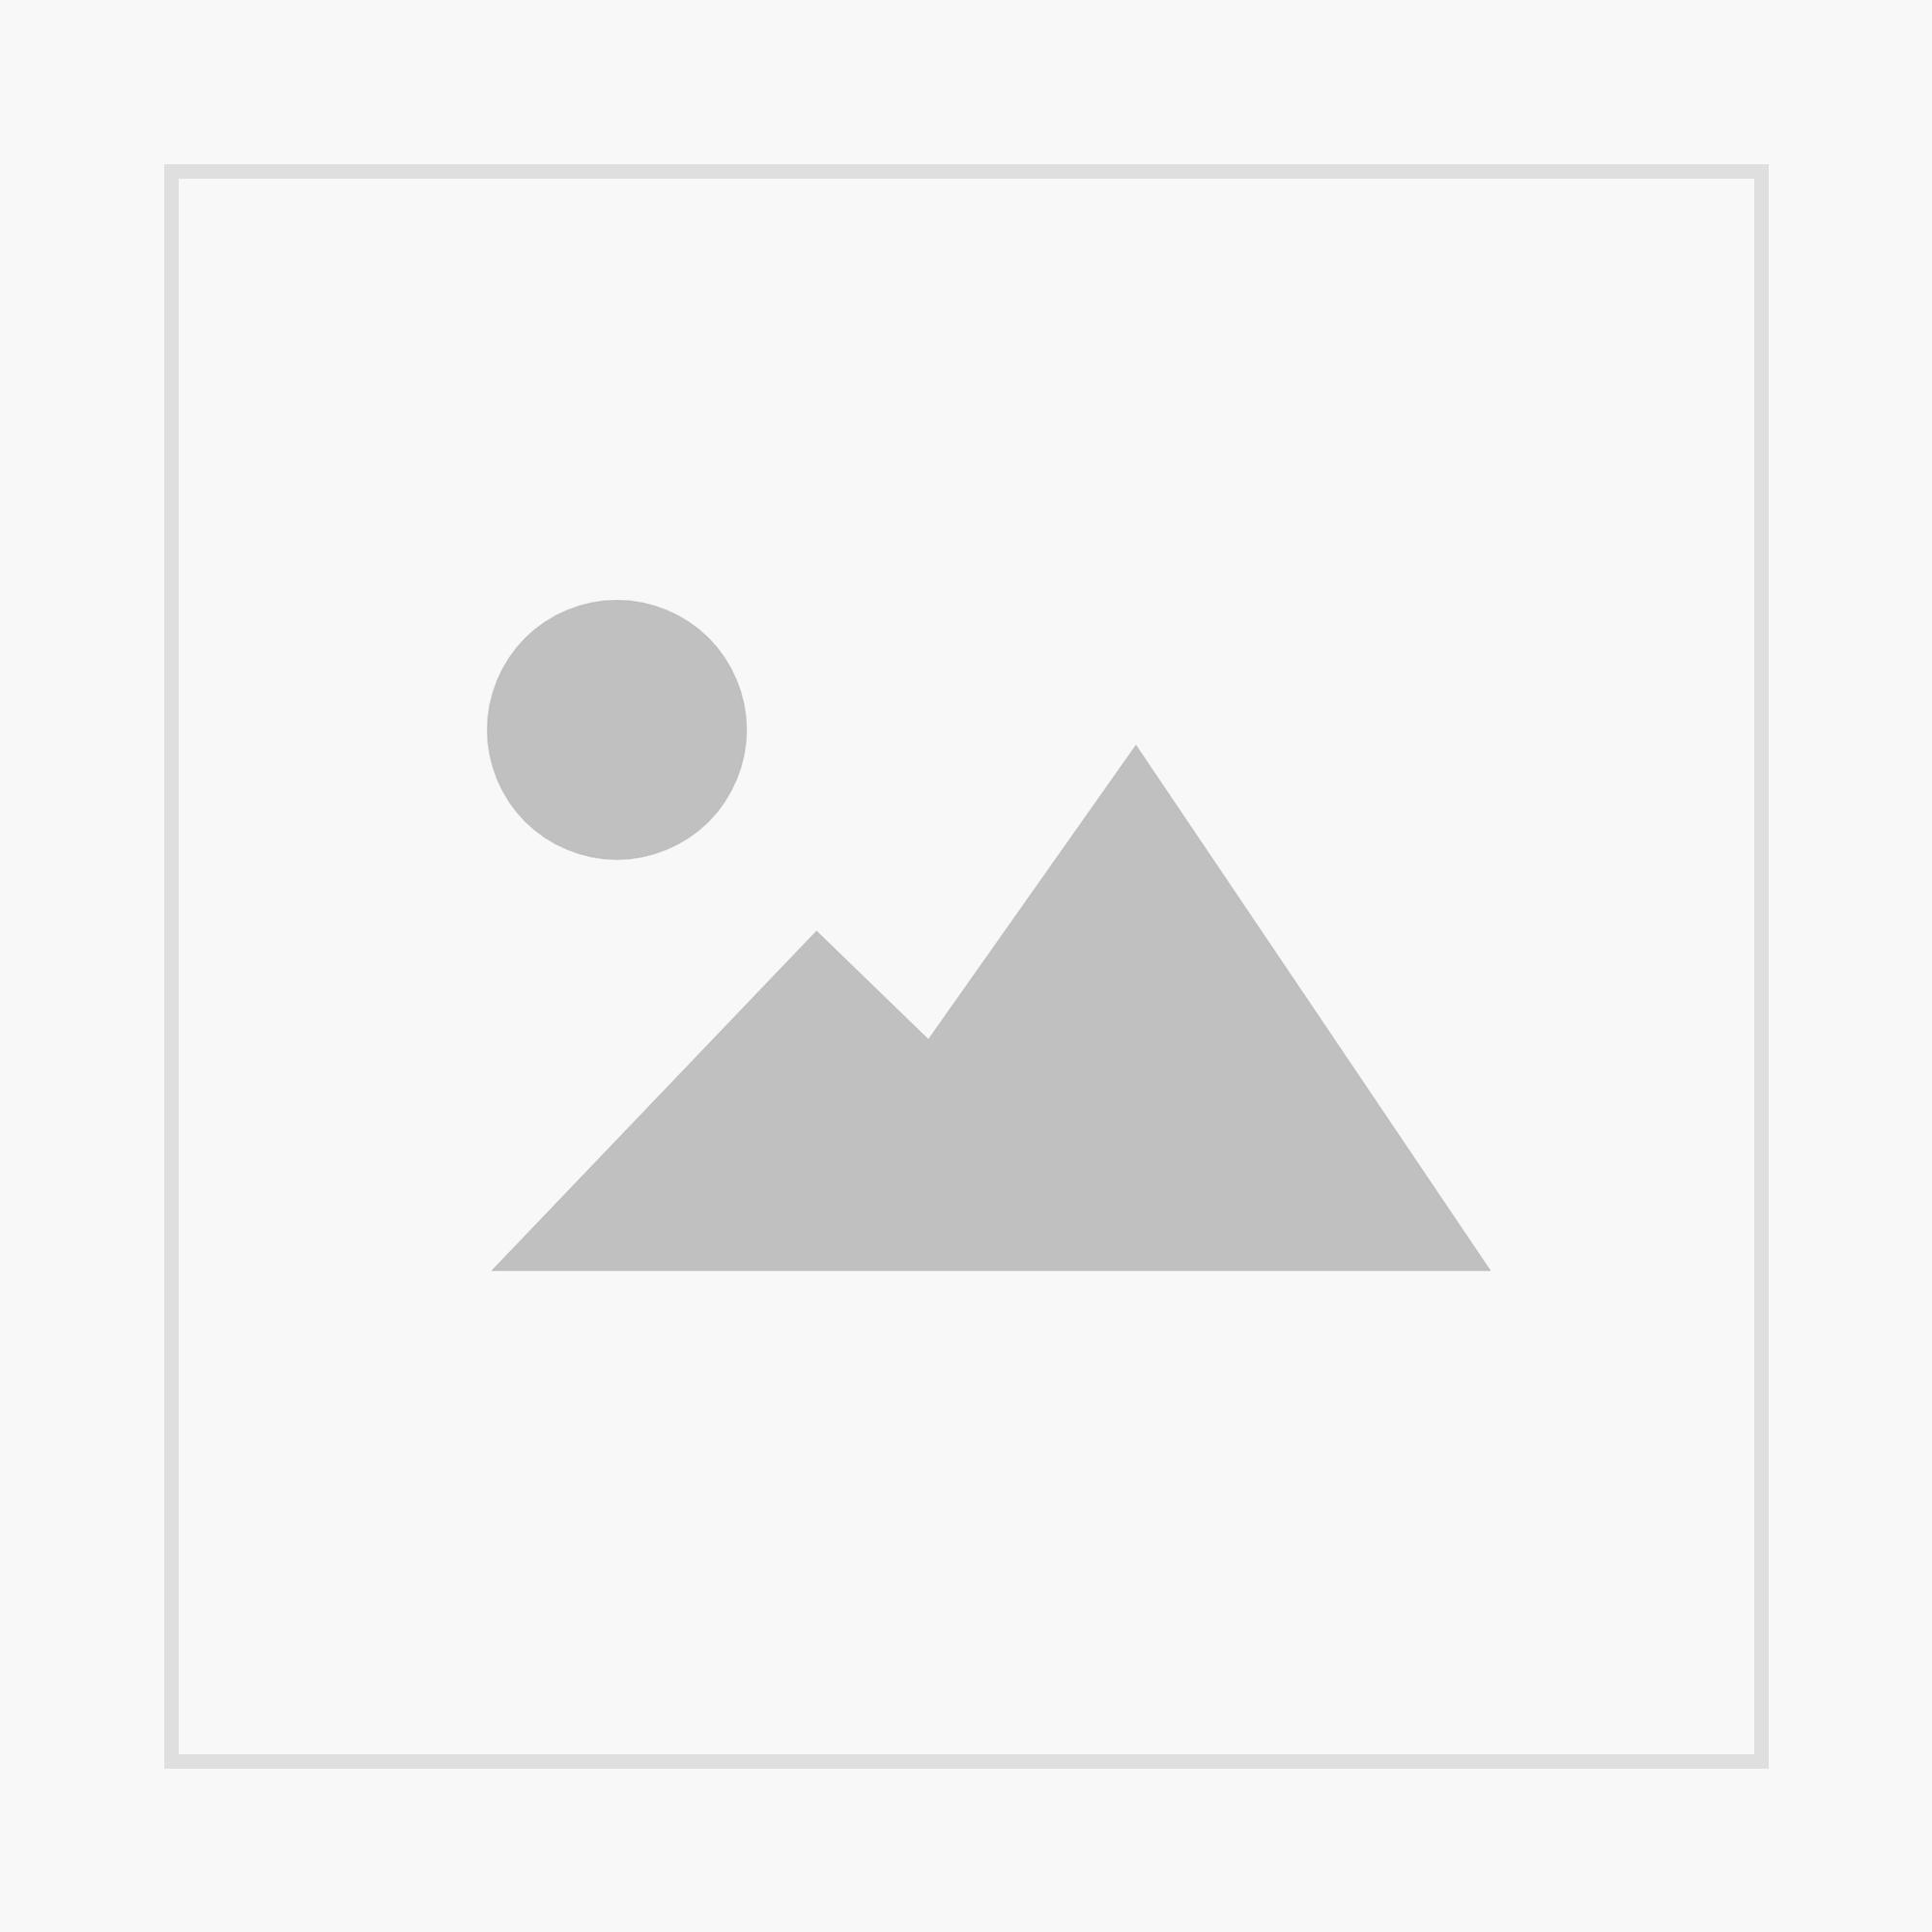 NaBiV Heft 38: Naturschutz im gesellschaftlichen Kontext